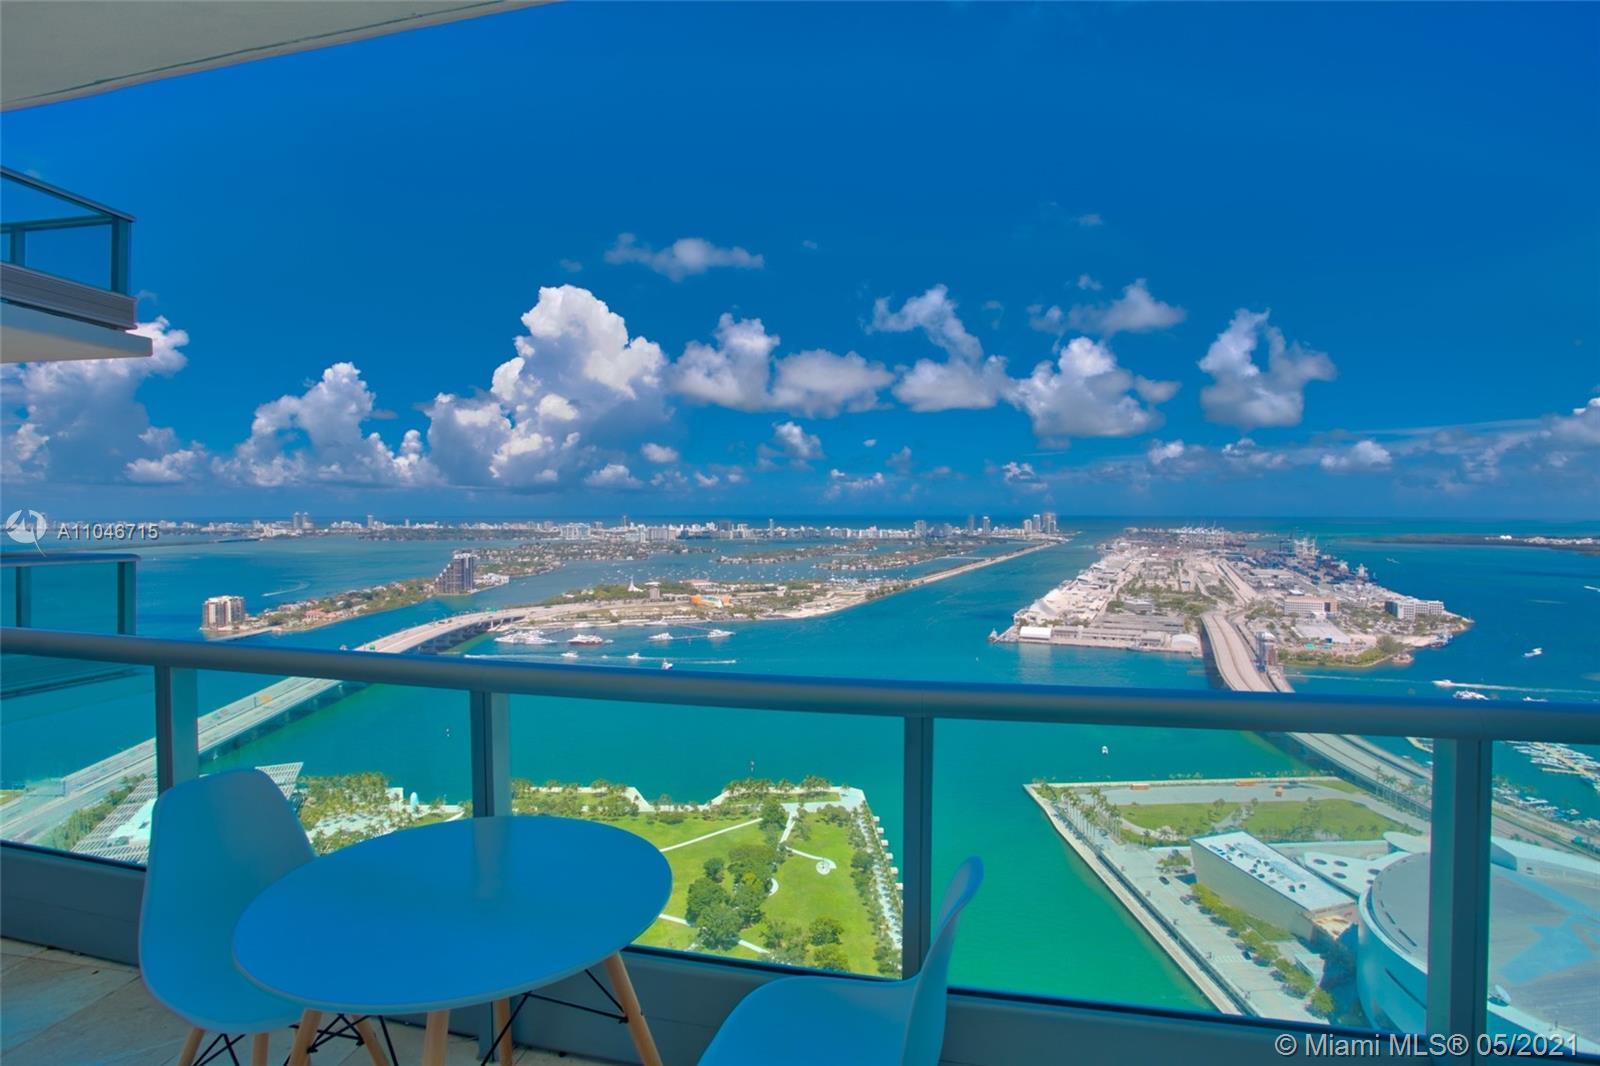 900 Biscayne Bay #5502 - 900 Biscayne Blvd #5502, Miami, FL 33132